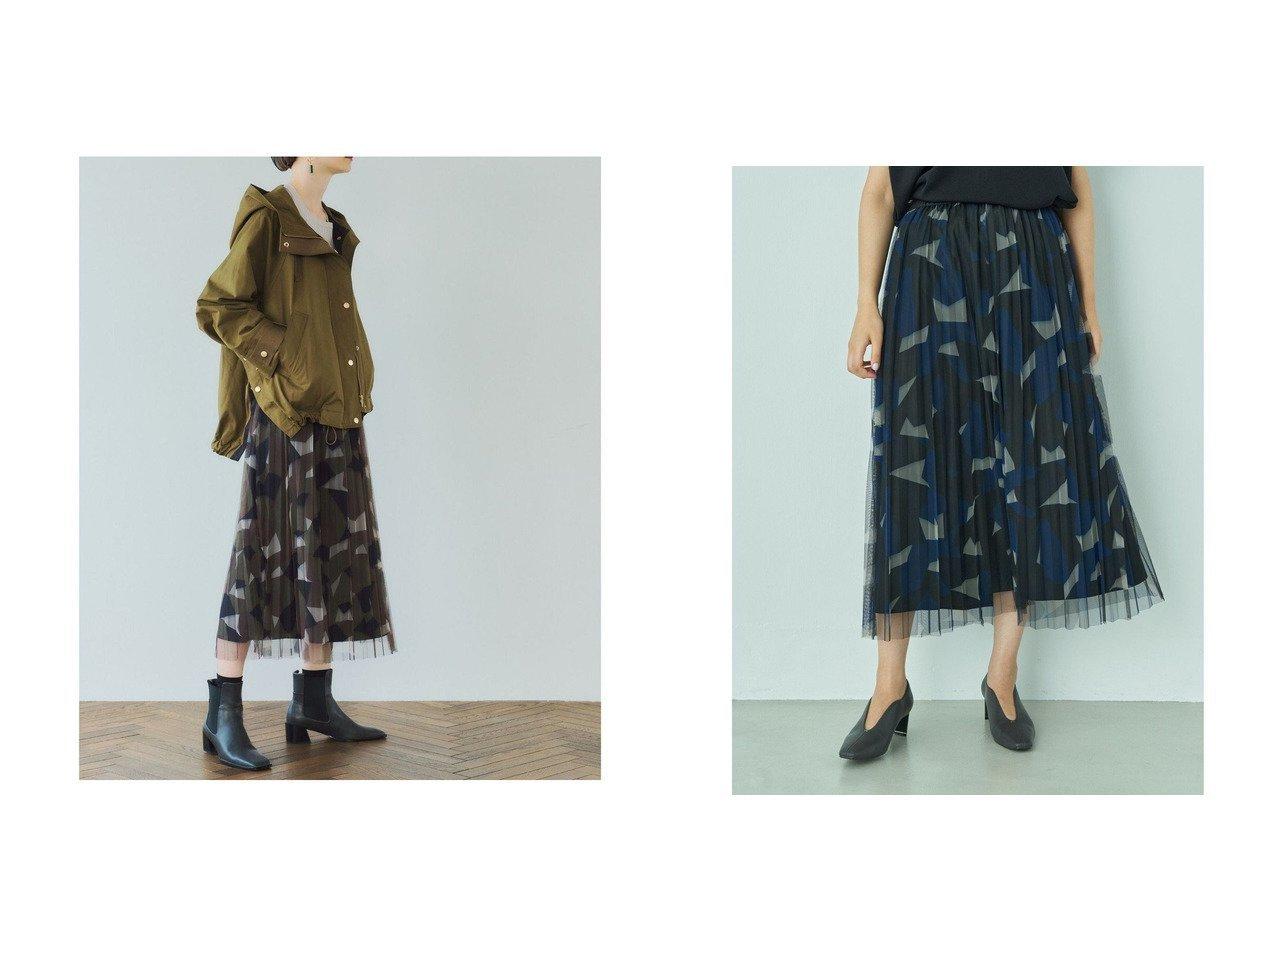 【YECCA VECCA/イェッカ ヴェッカ】の幾何学柄チュールプリーツスカート 【スカート】おすすめ!人気、トレンド・レディースファッションの通販 おすすめで人気の流行・トレンド、ファッションの通販商品 インテリア・家具・メンズファッション・キッズファッション・レディースファッション・服の通販 founy(ファニー) https://founy.com/ ファッション Fashion レディースファッション WOMEN スカート Skirt プリーツスカート Pleated Skirts 送料無料 Free Shipping コンビ チュール プリーツ モダン |ID:crp329100000066654